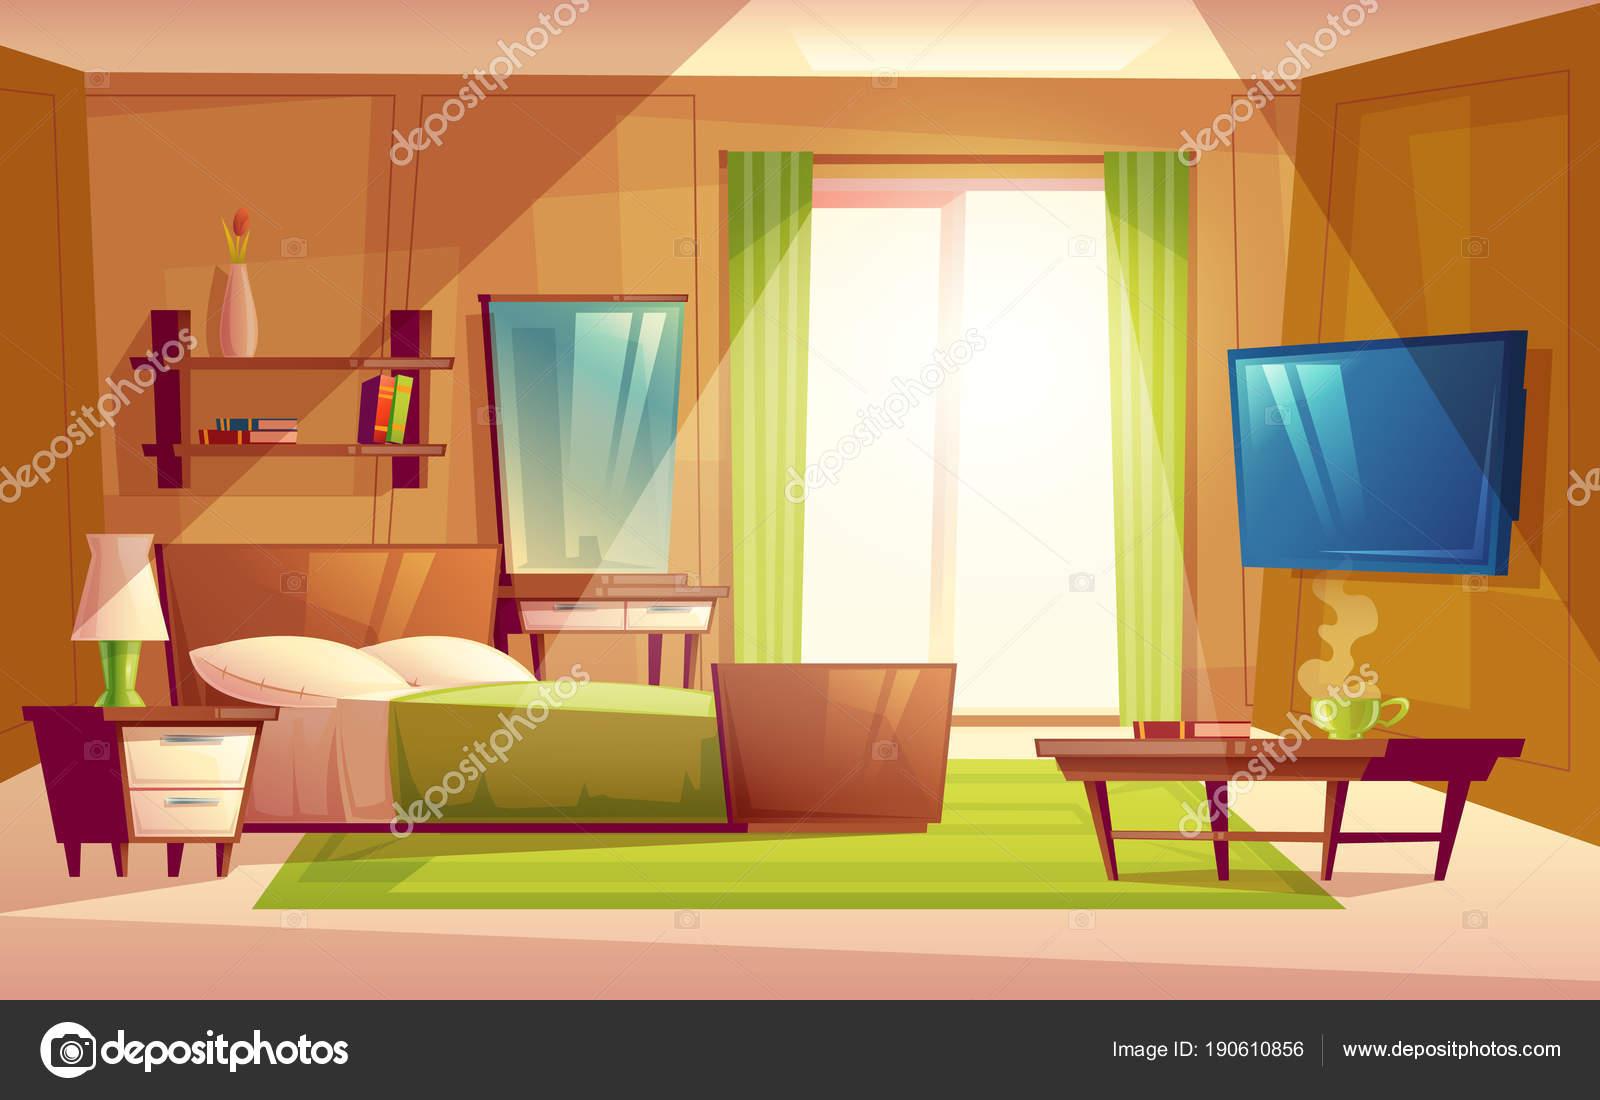 Animated: living room | Vector Cartoon Interior Cozy ...